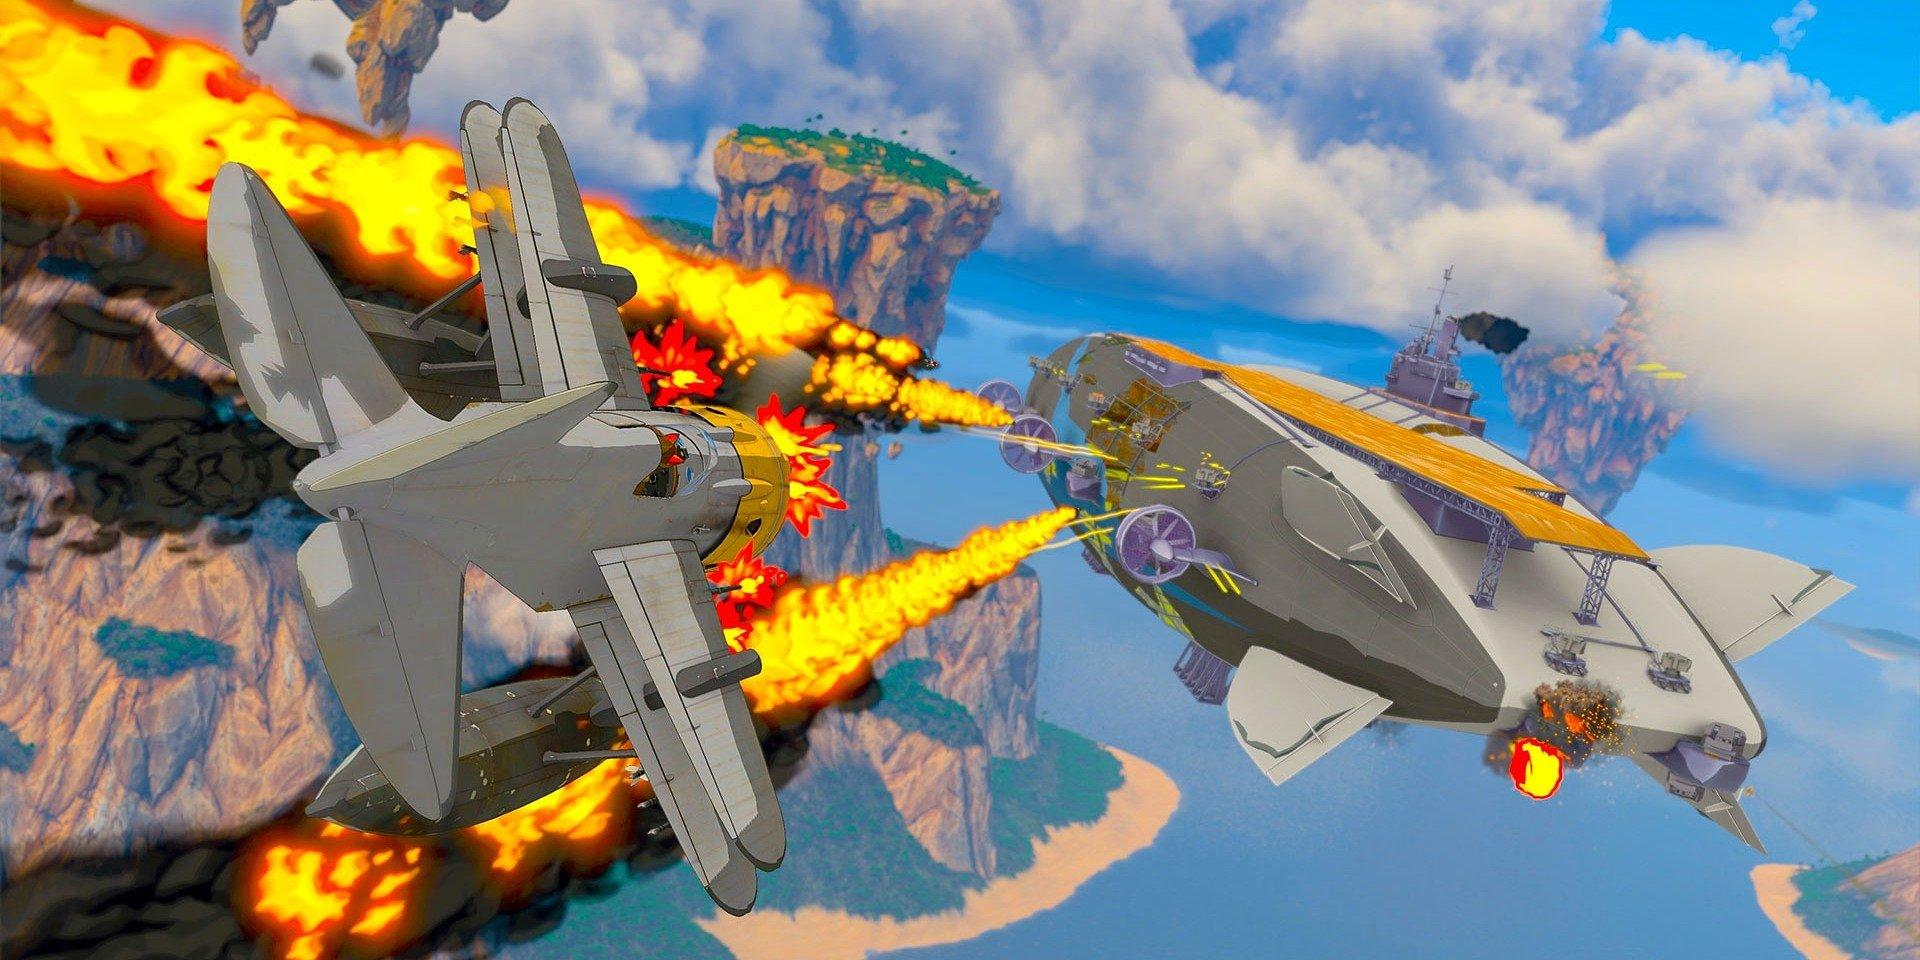 Vojenská simulace War Thunder cílí na mladší publikum